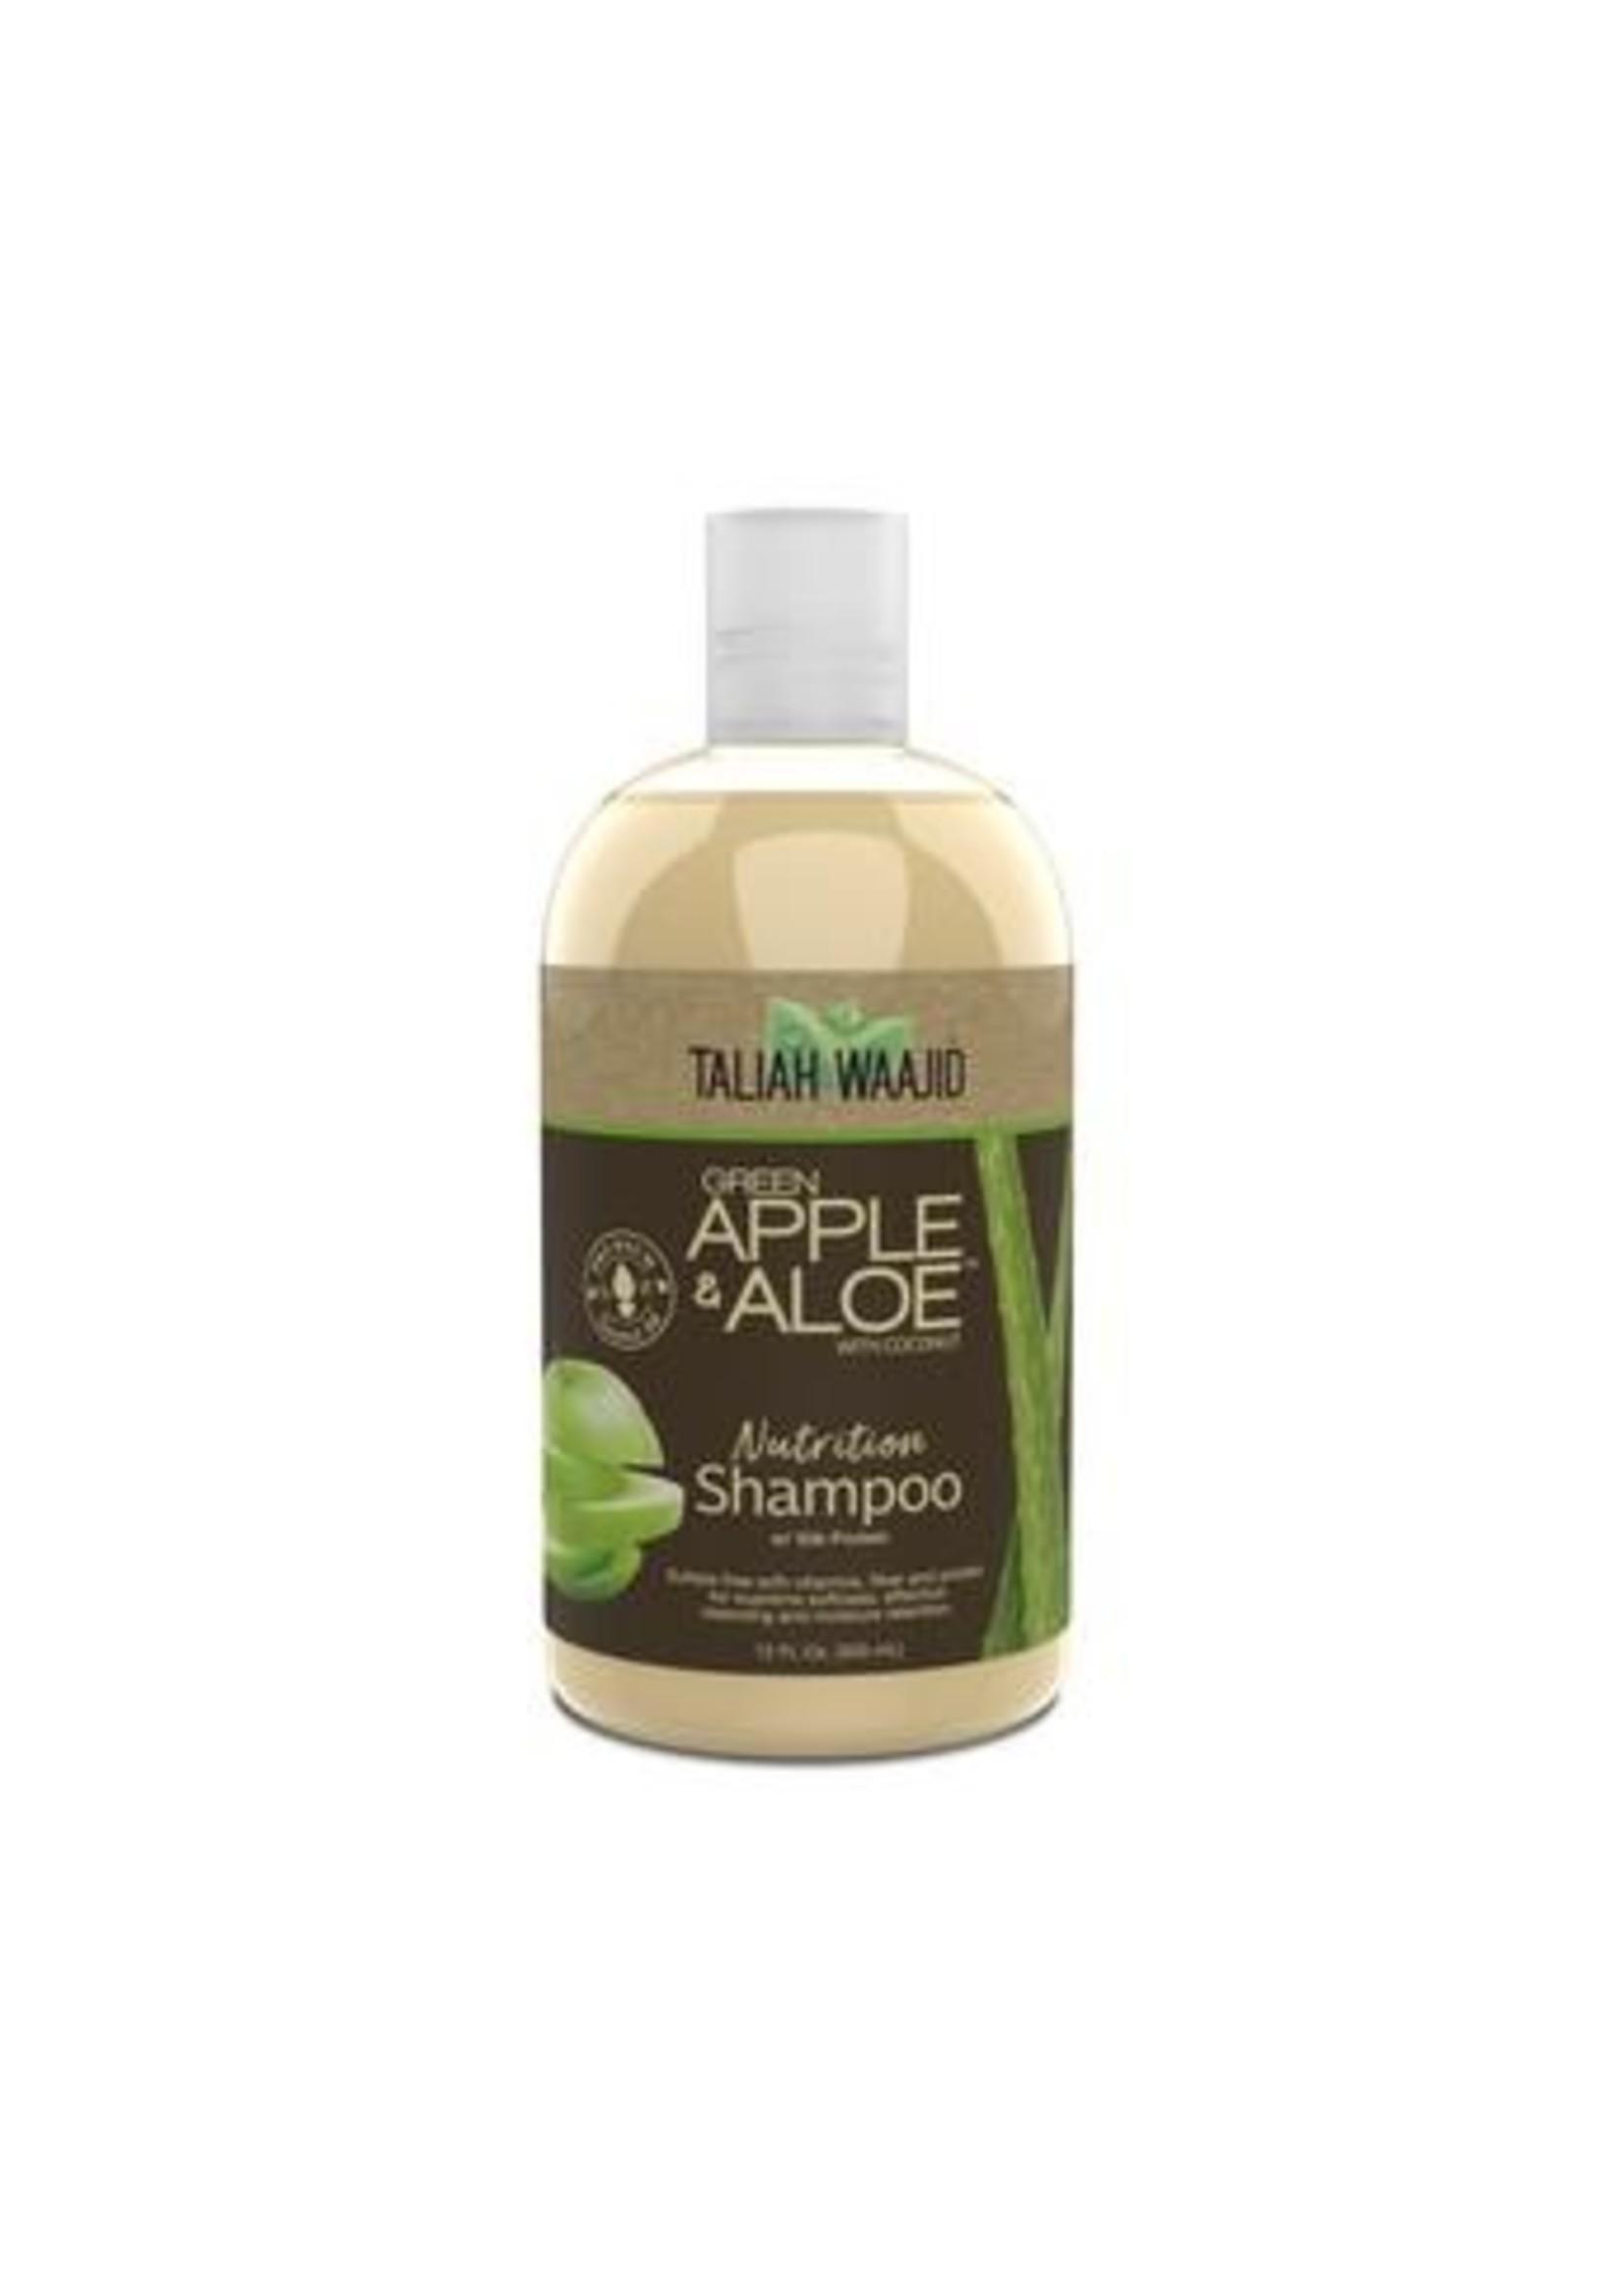 Taliah Waajid Taliah Waajid Apple & Aloe Line